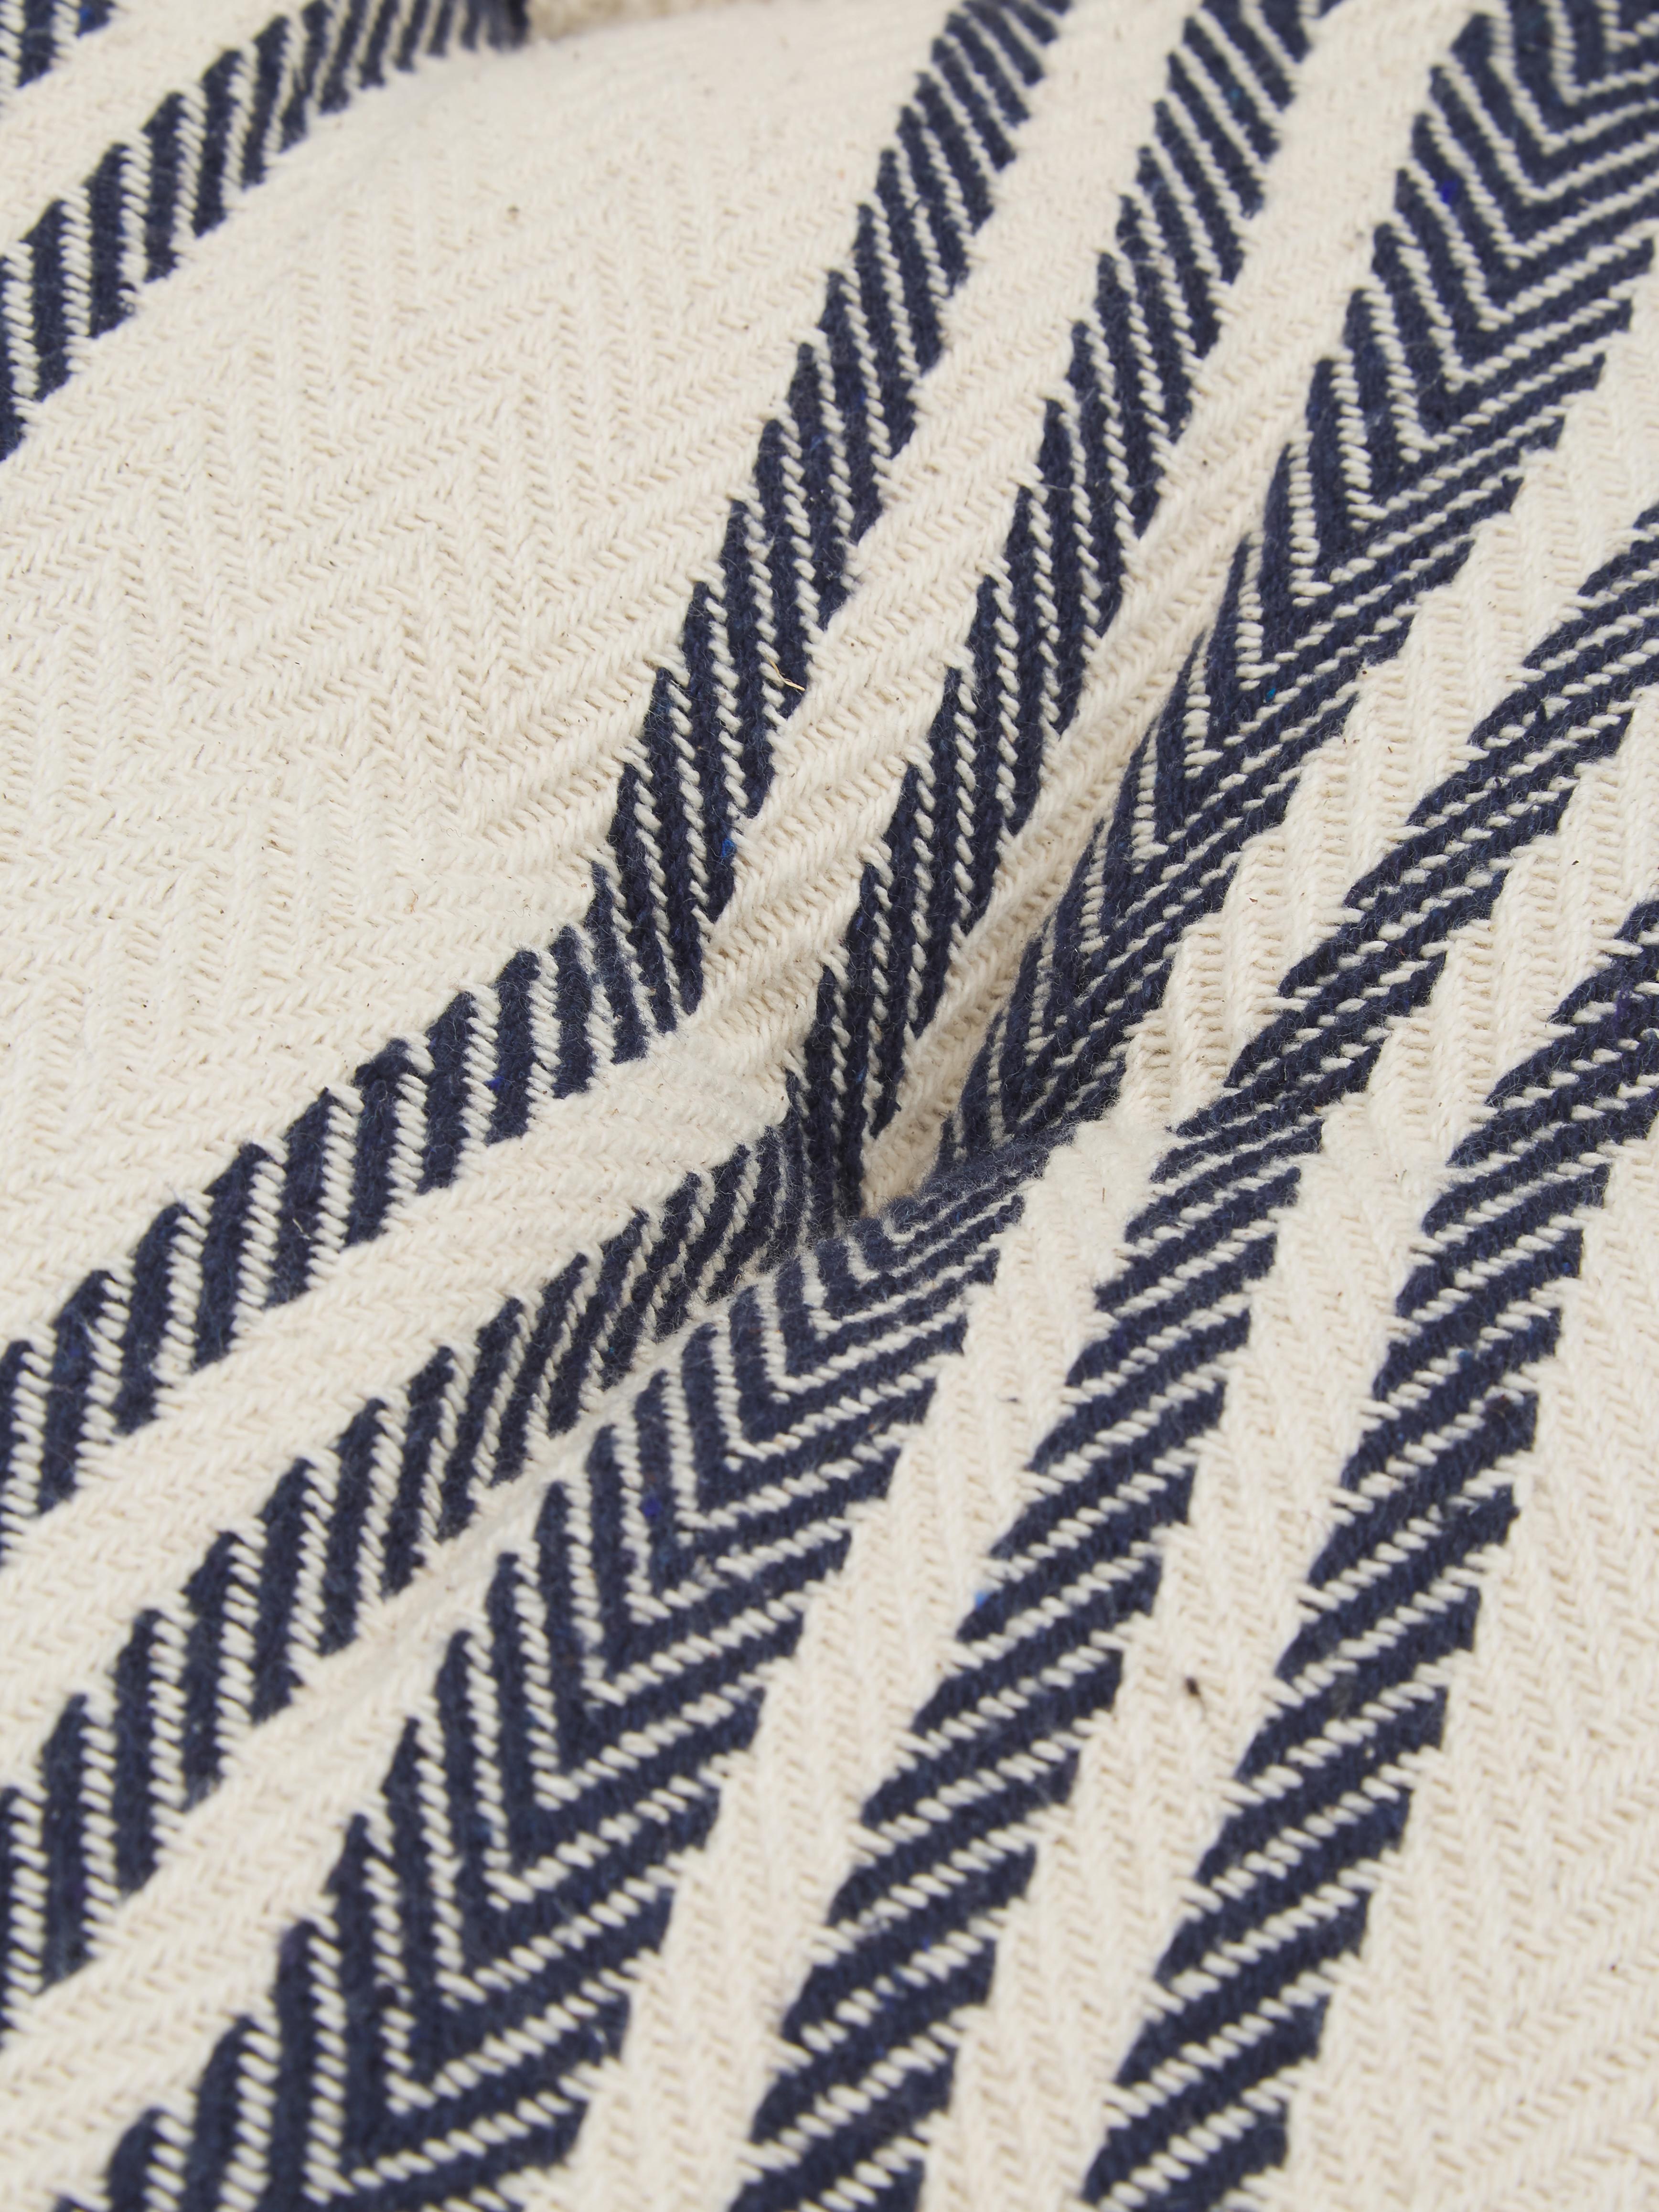 Vloerkussen Puket, Donkerblauw, wit, 60 x 120 cm